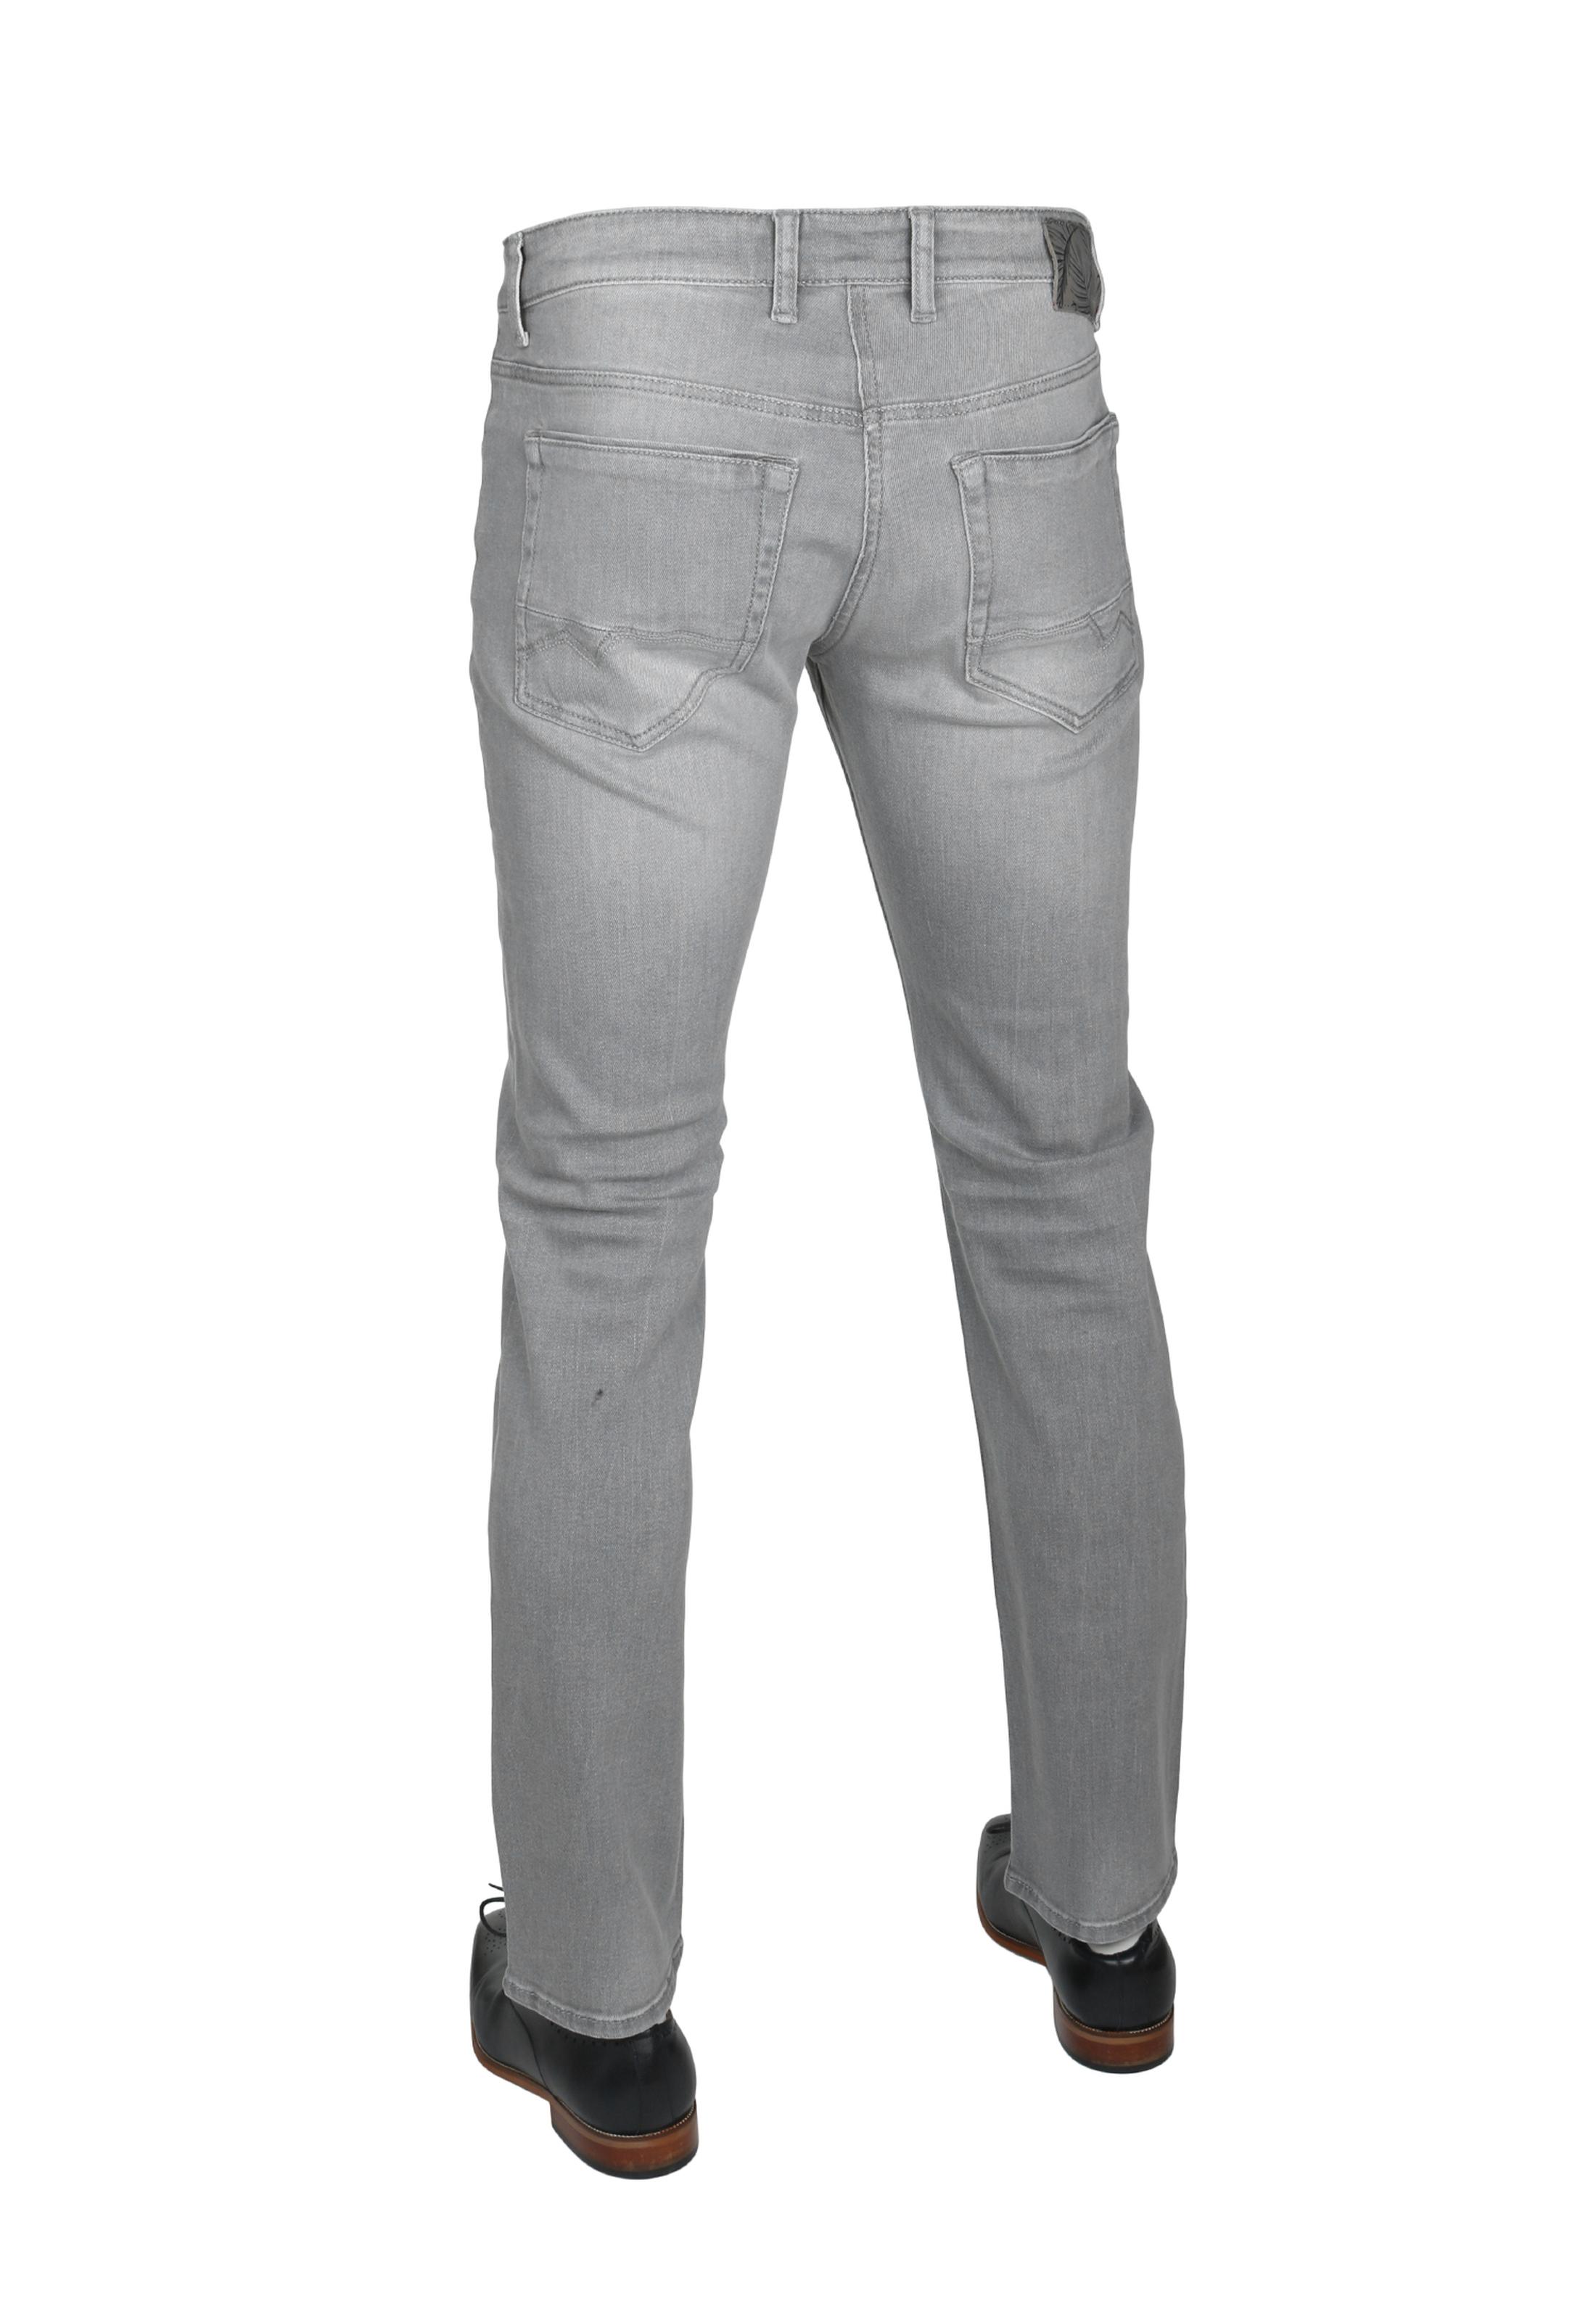 mac jeans arne grijs h819 0517 00 1973l suitable. Black Bedroom Furniture Sets. Home Design Ideas